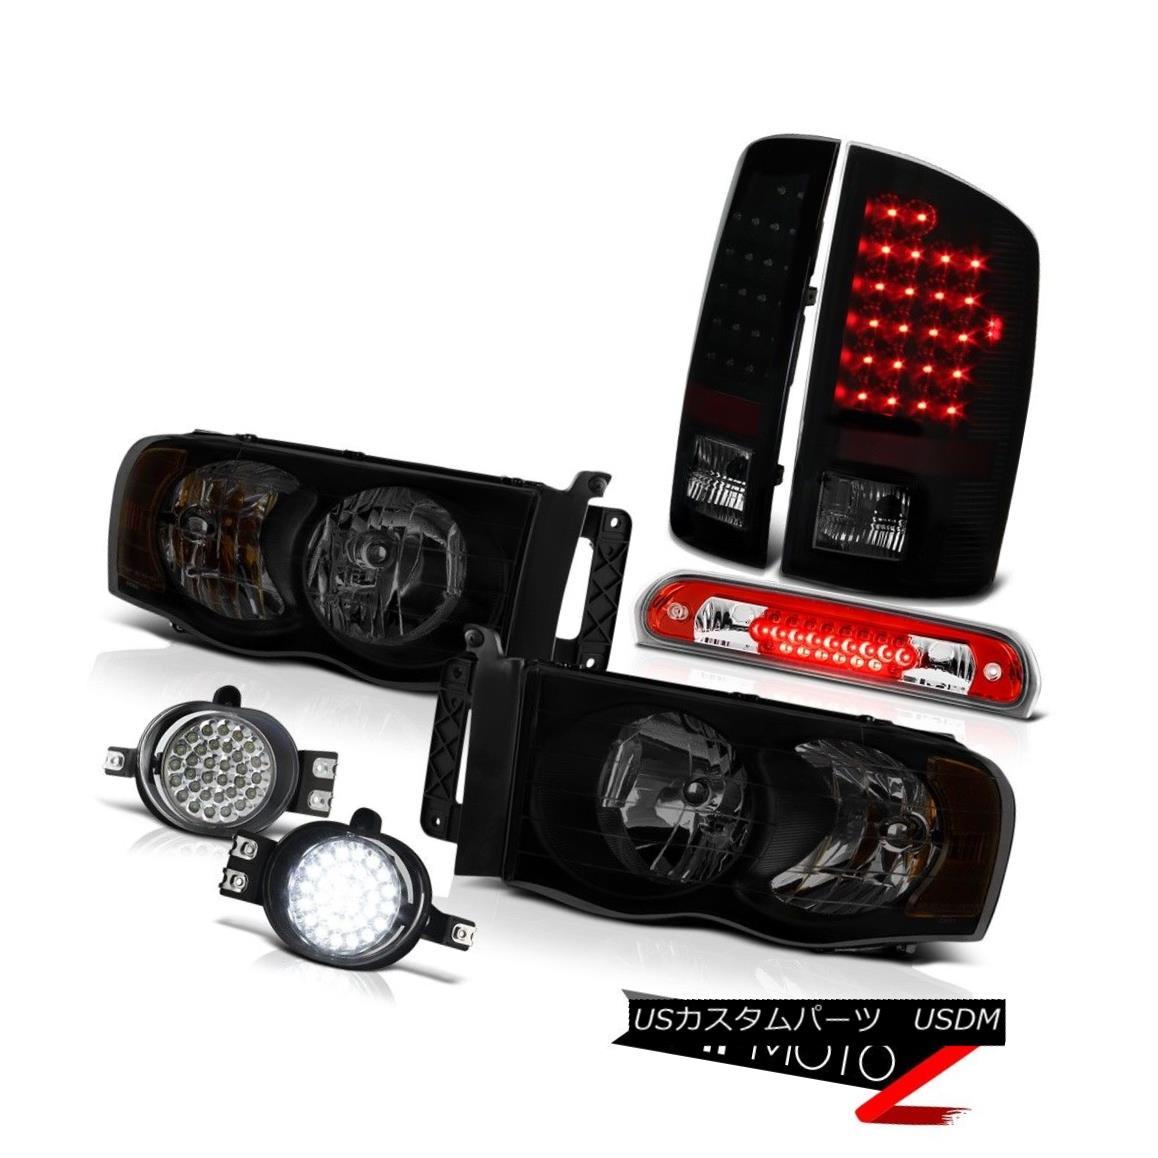 テールライト 02-05 Dodge Ram 2500 3500 3.7L Headlamps Fog Lights Roof Cab Lamp Taillights 02-05 Dodge Ram 2500 3500 3.7Lヘッドライトフォグライトルーフキャブ付きランプ